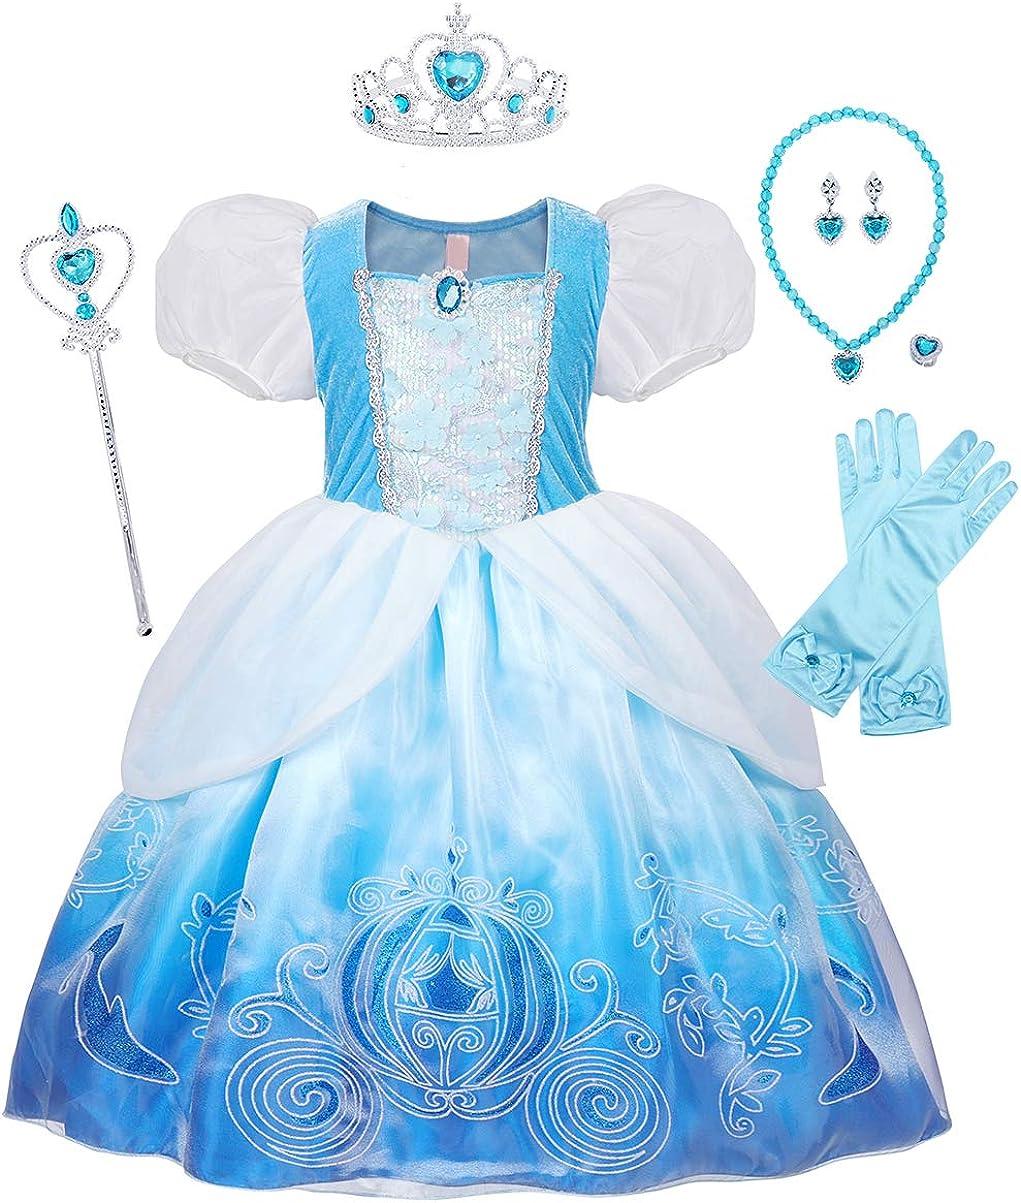 Jurebecia Vestido de Princesa Capa Disfraces De Niñas Traje Fiesta De Cumpleaños De Halloween Carnaval Cosplay Fiesta de Vestir Disfraces con Accesorios Set Azul